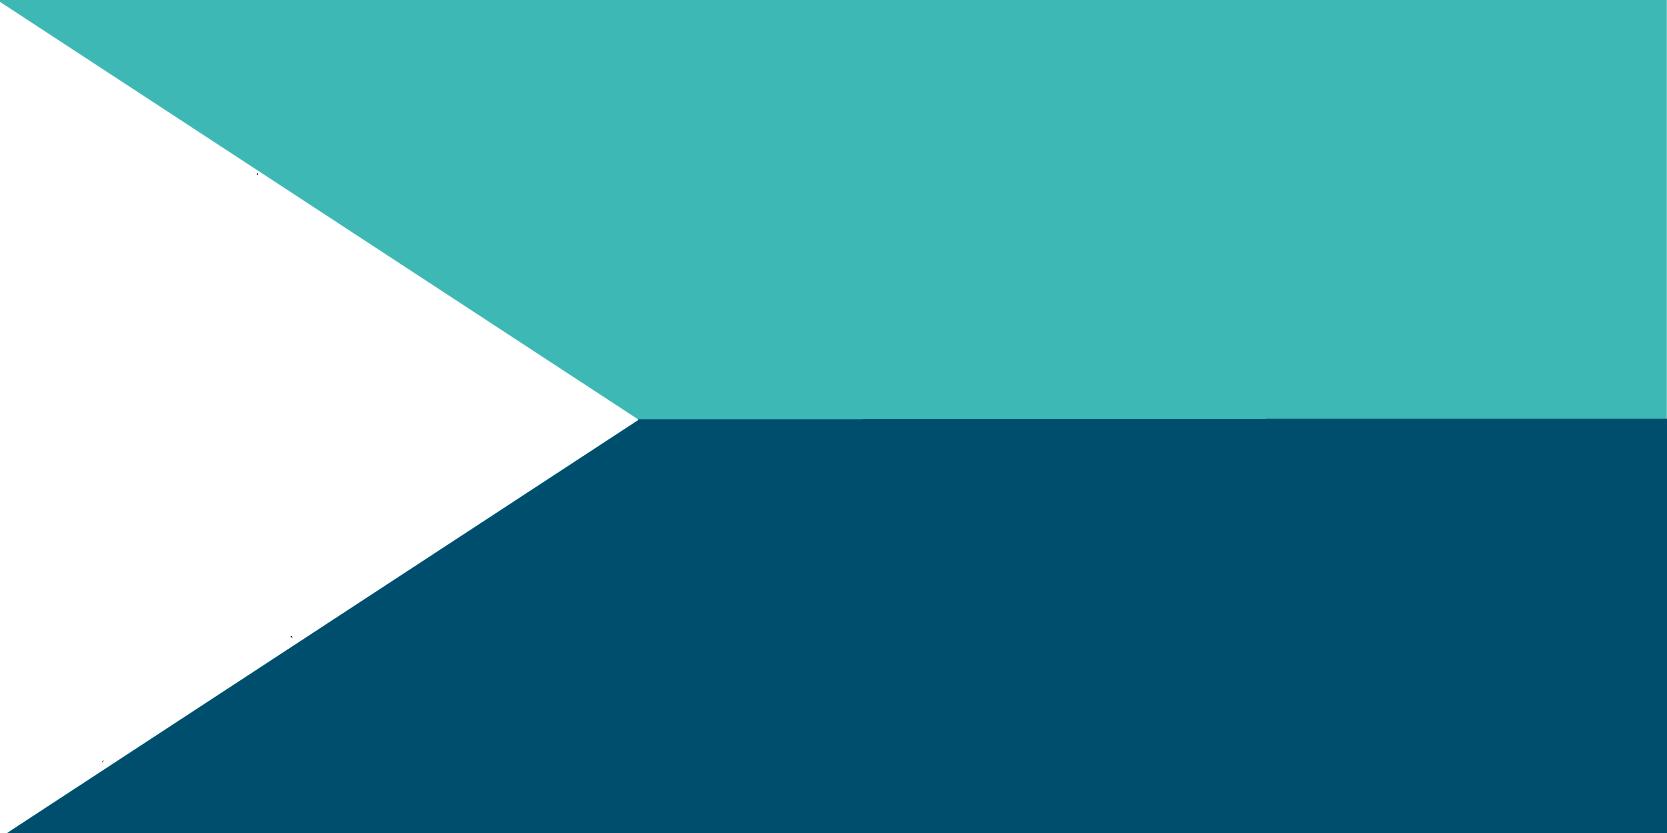 Ethanistan flag